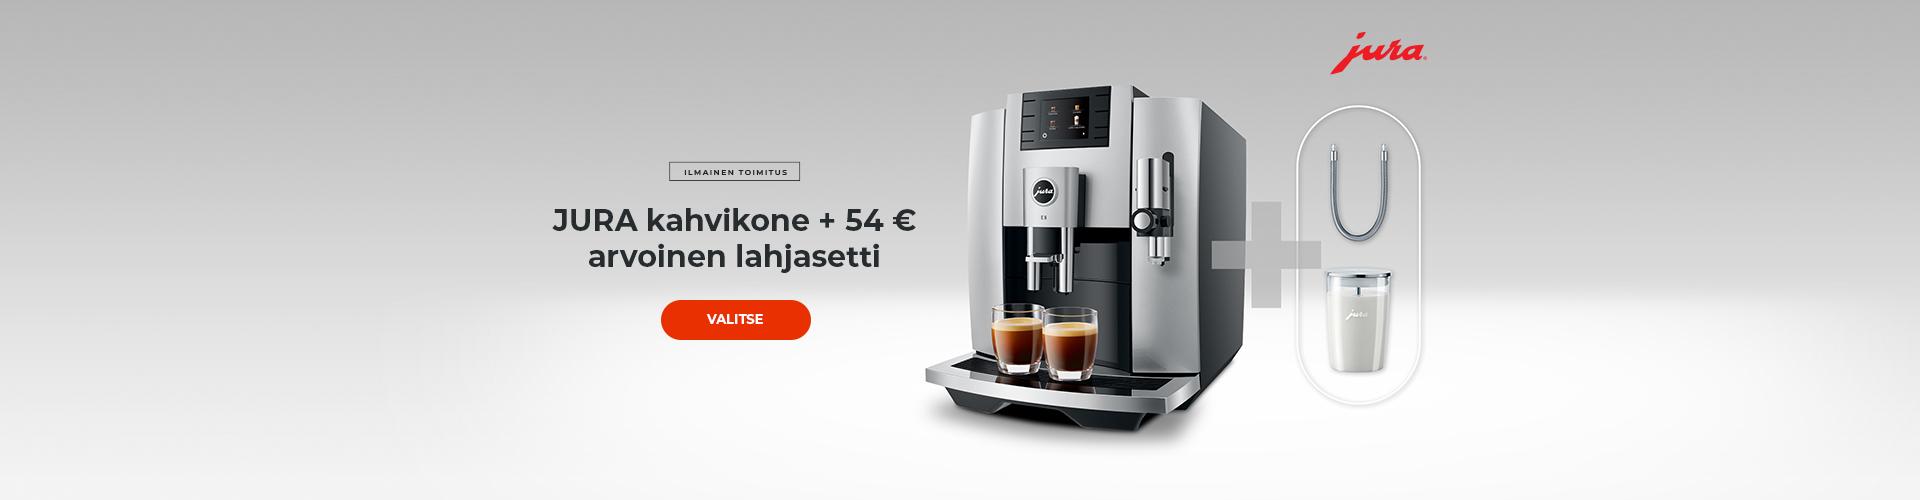 JURA kahvikone + 54 € arvoinen lahjasetti